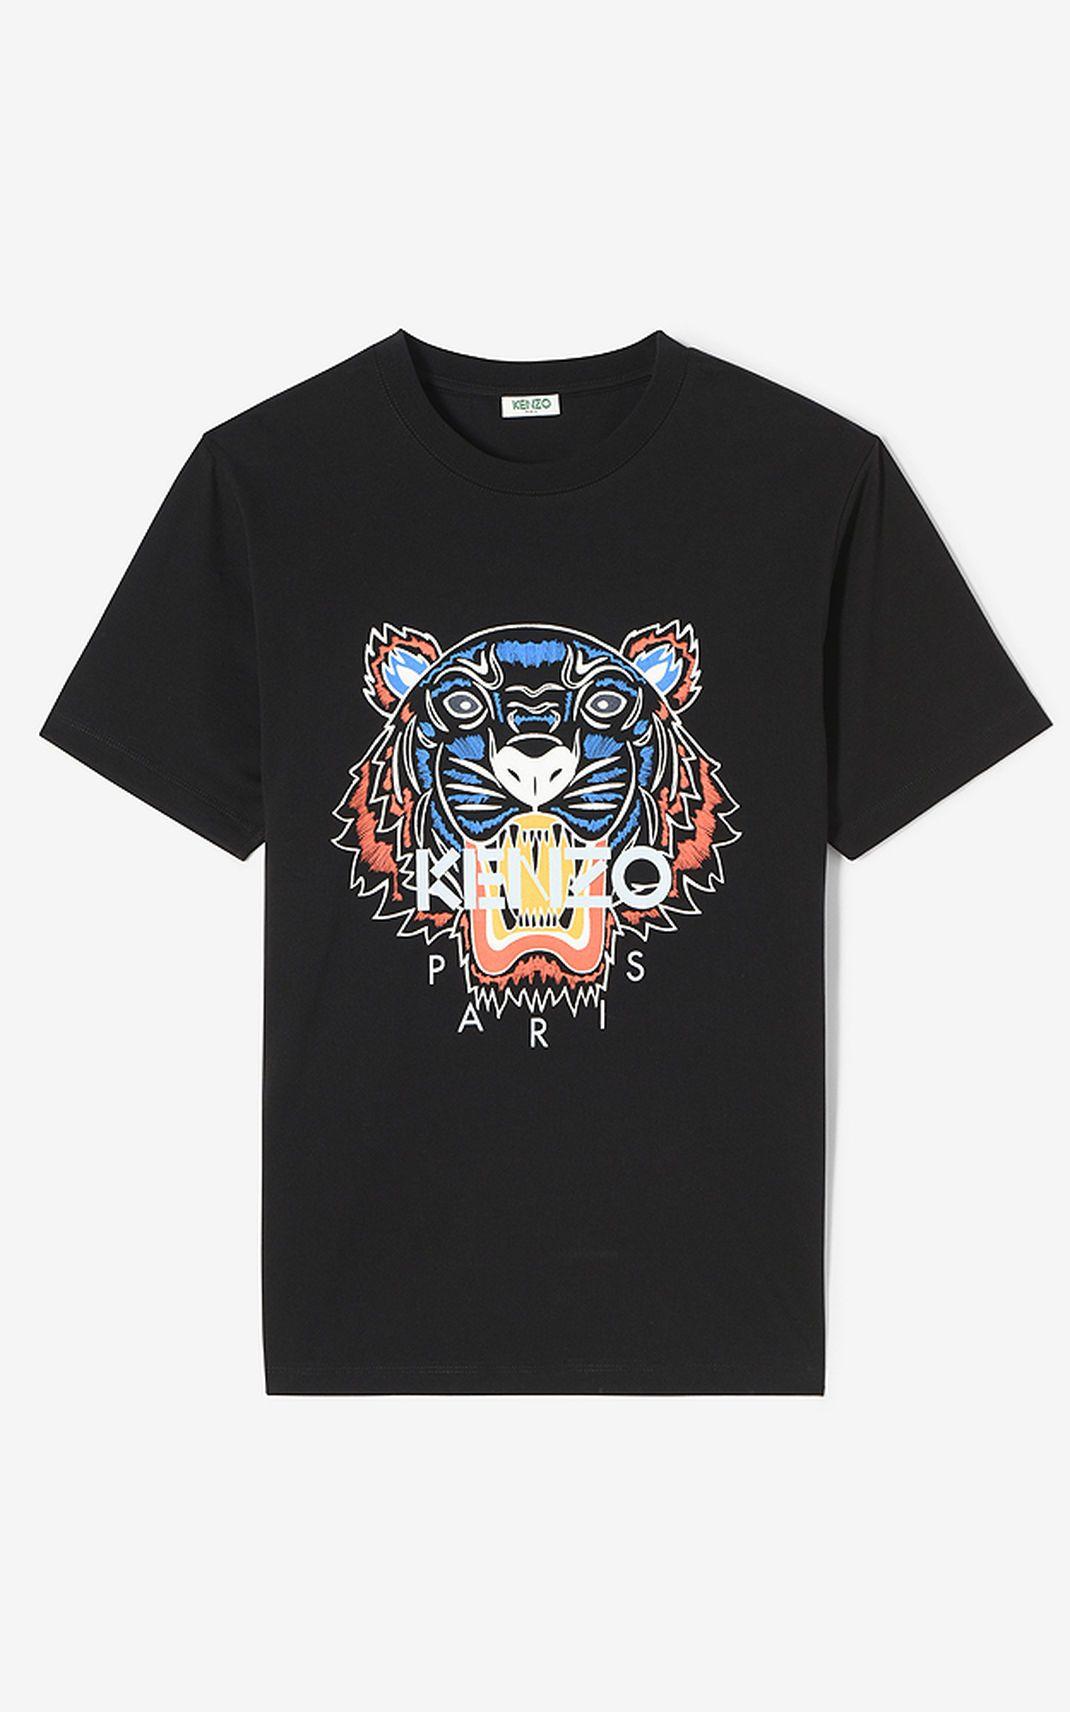 Black tiger tshirt for men kenzo kenzo pinterest kenzo and tigers